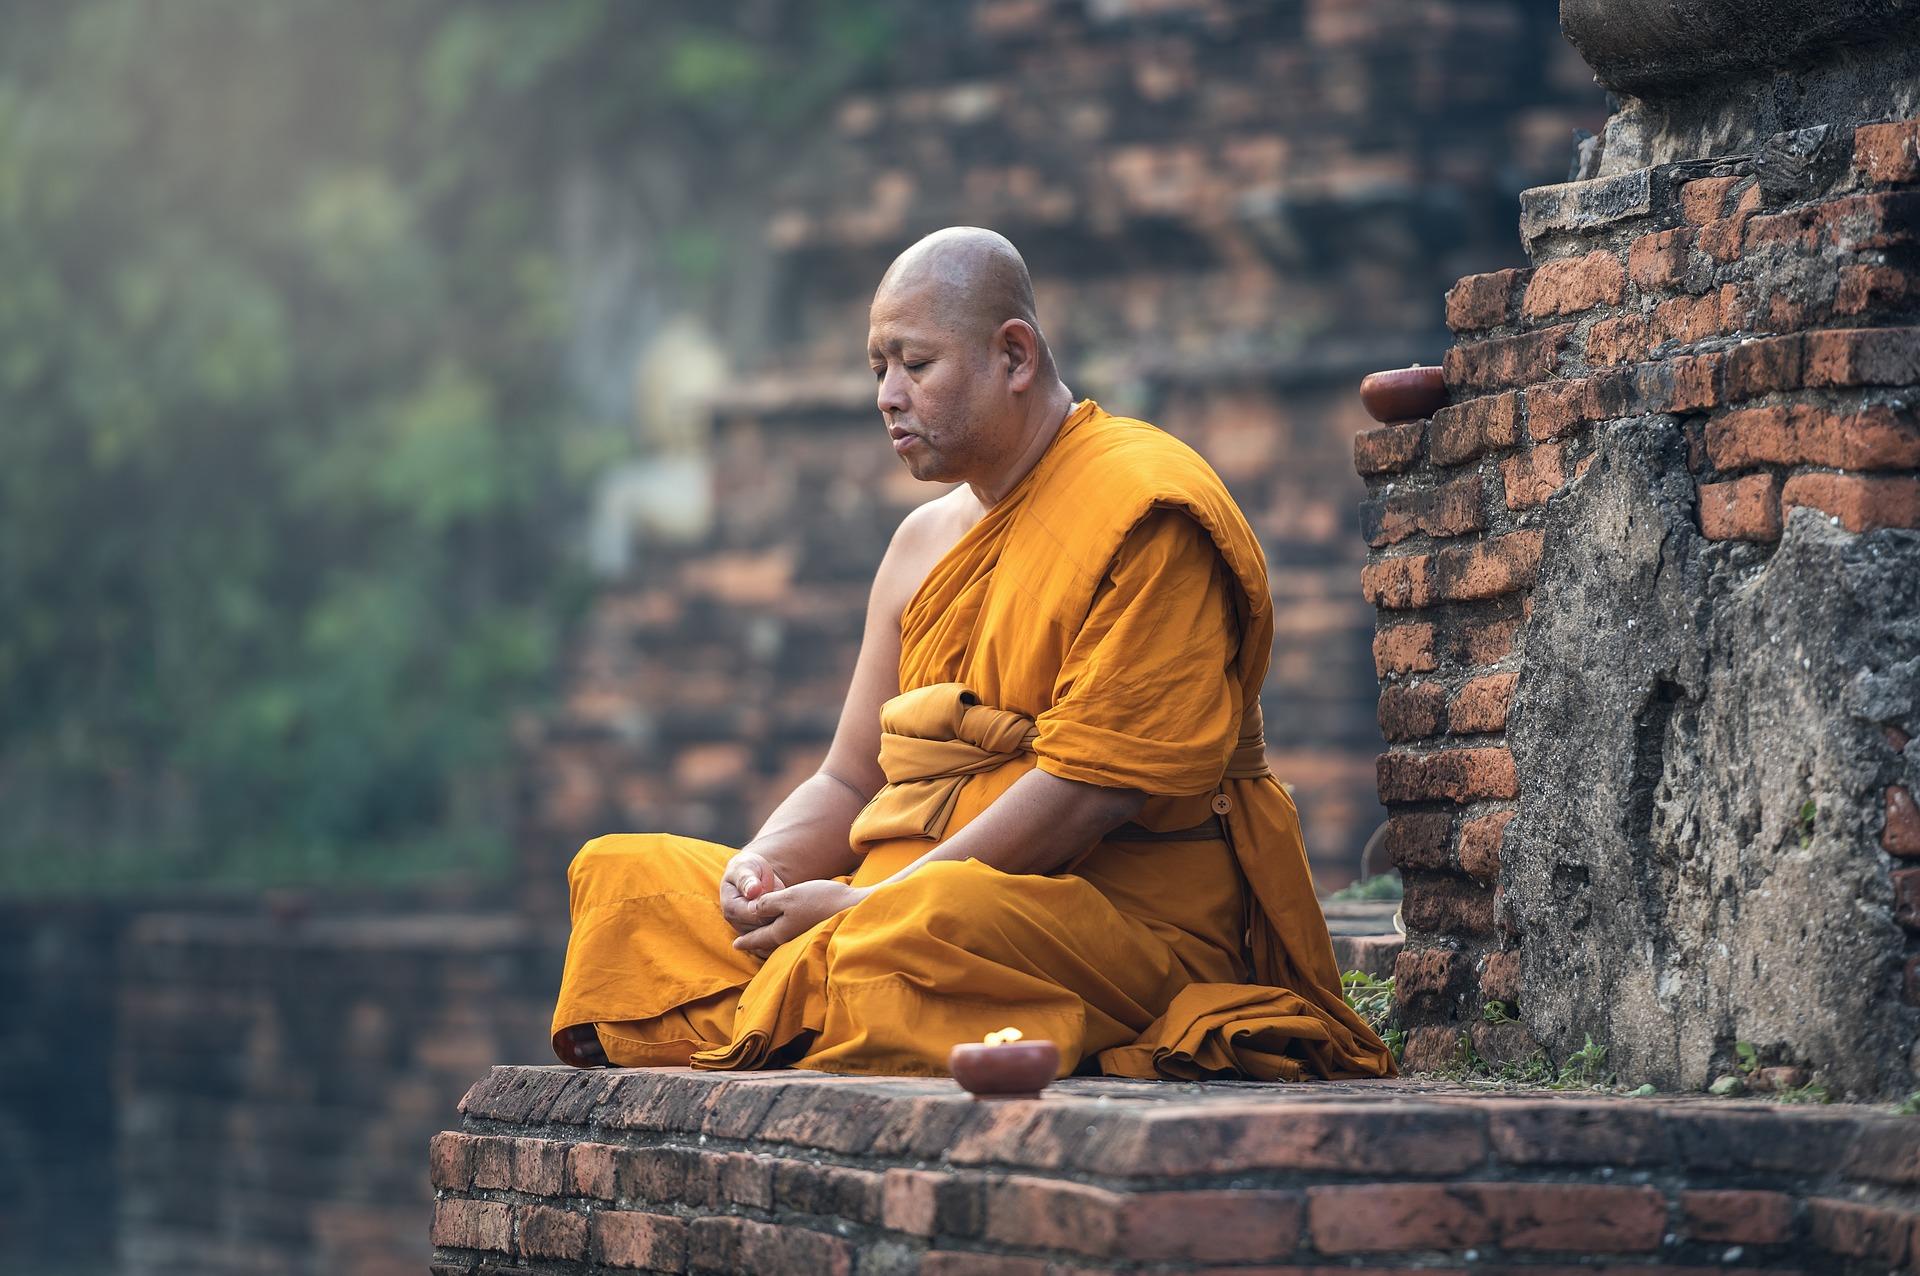 Lelkek az életben és azon túl - Thaiföldön, a mosoly országában